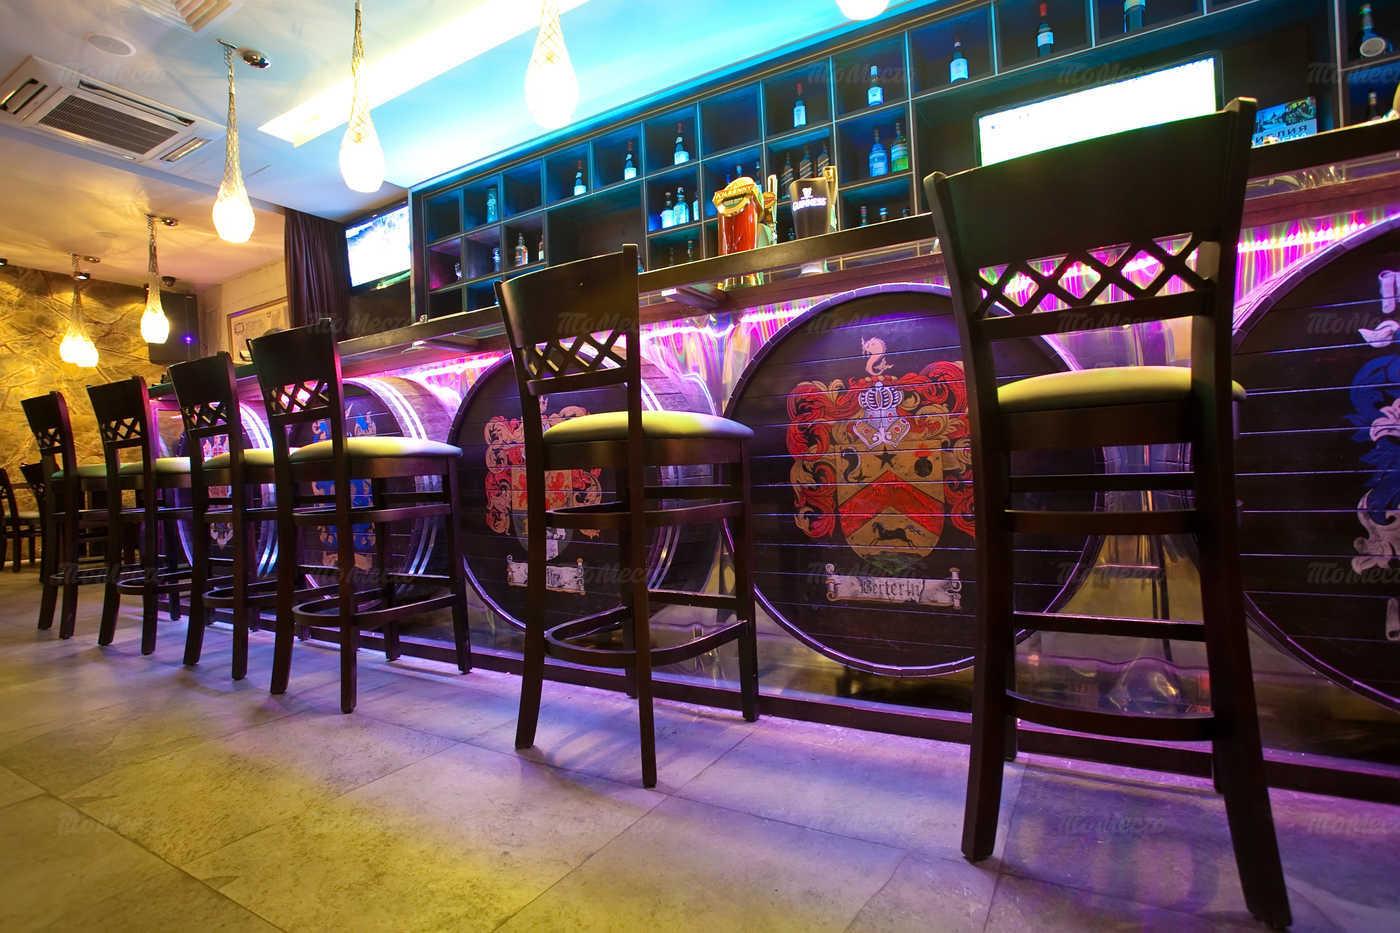 Банкетный зал пивного ресторана Abeerdeen (Абердин) на Литейном проспекте фото 6